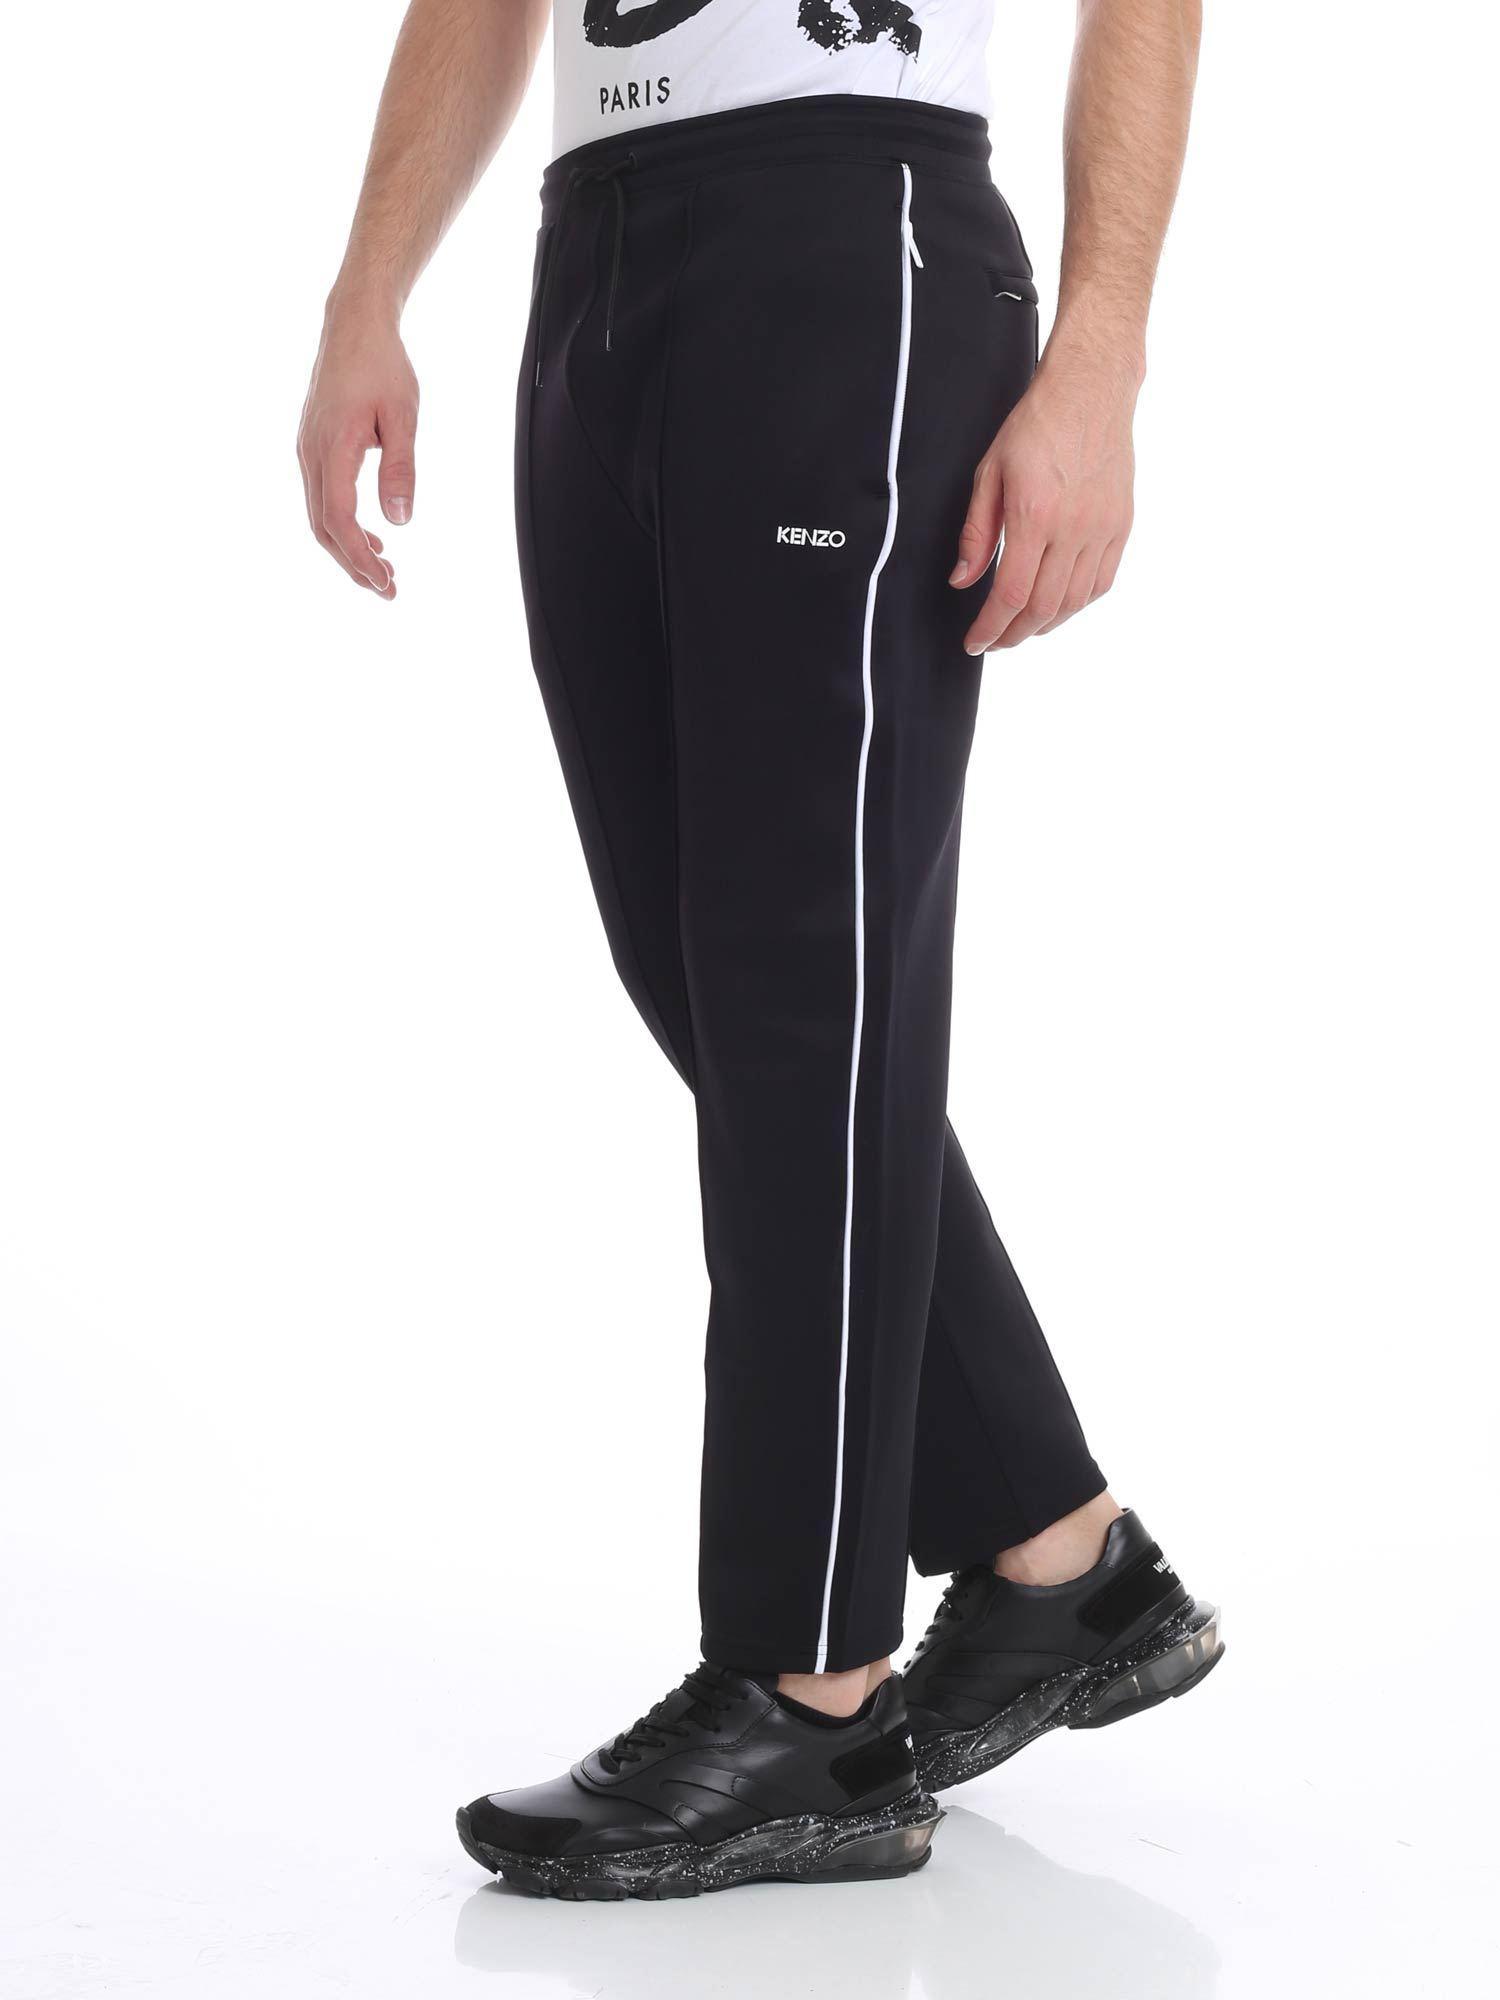 Nike Sportswear ADVANCE 15 MEN'S Knit Pantaloni sportivi Pants Pantaloni Palm Green | eBay